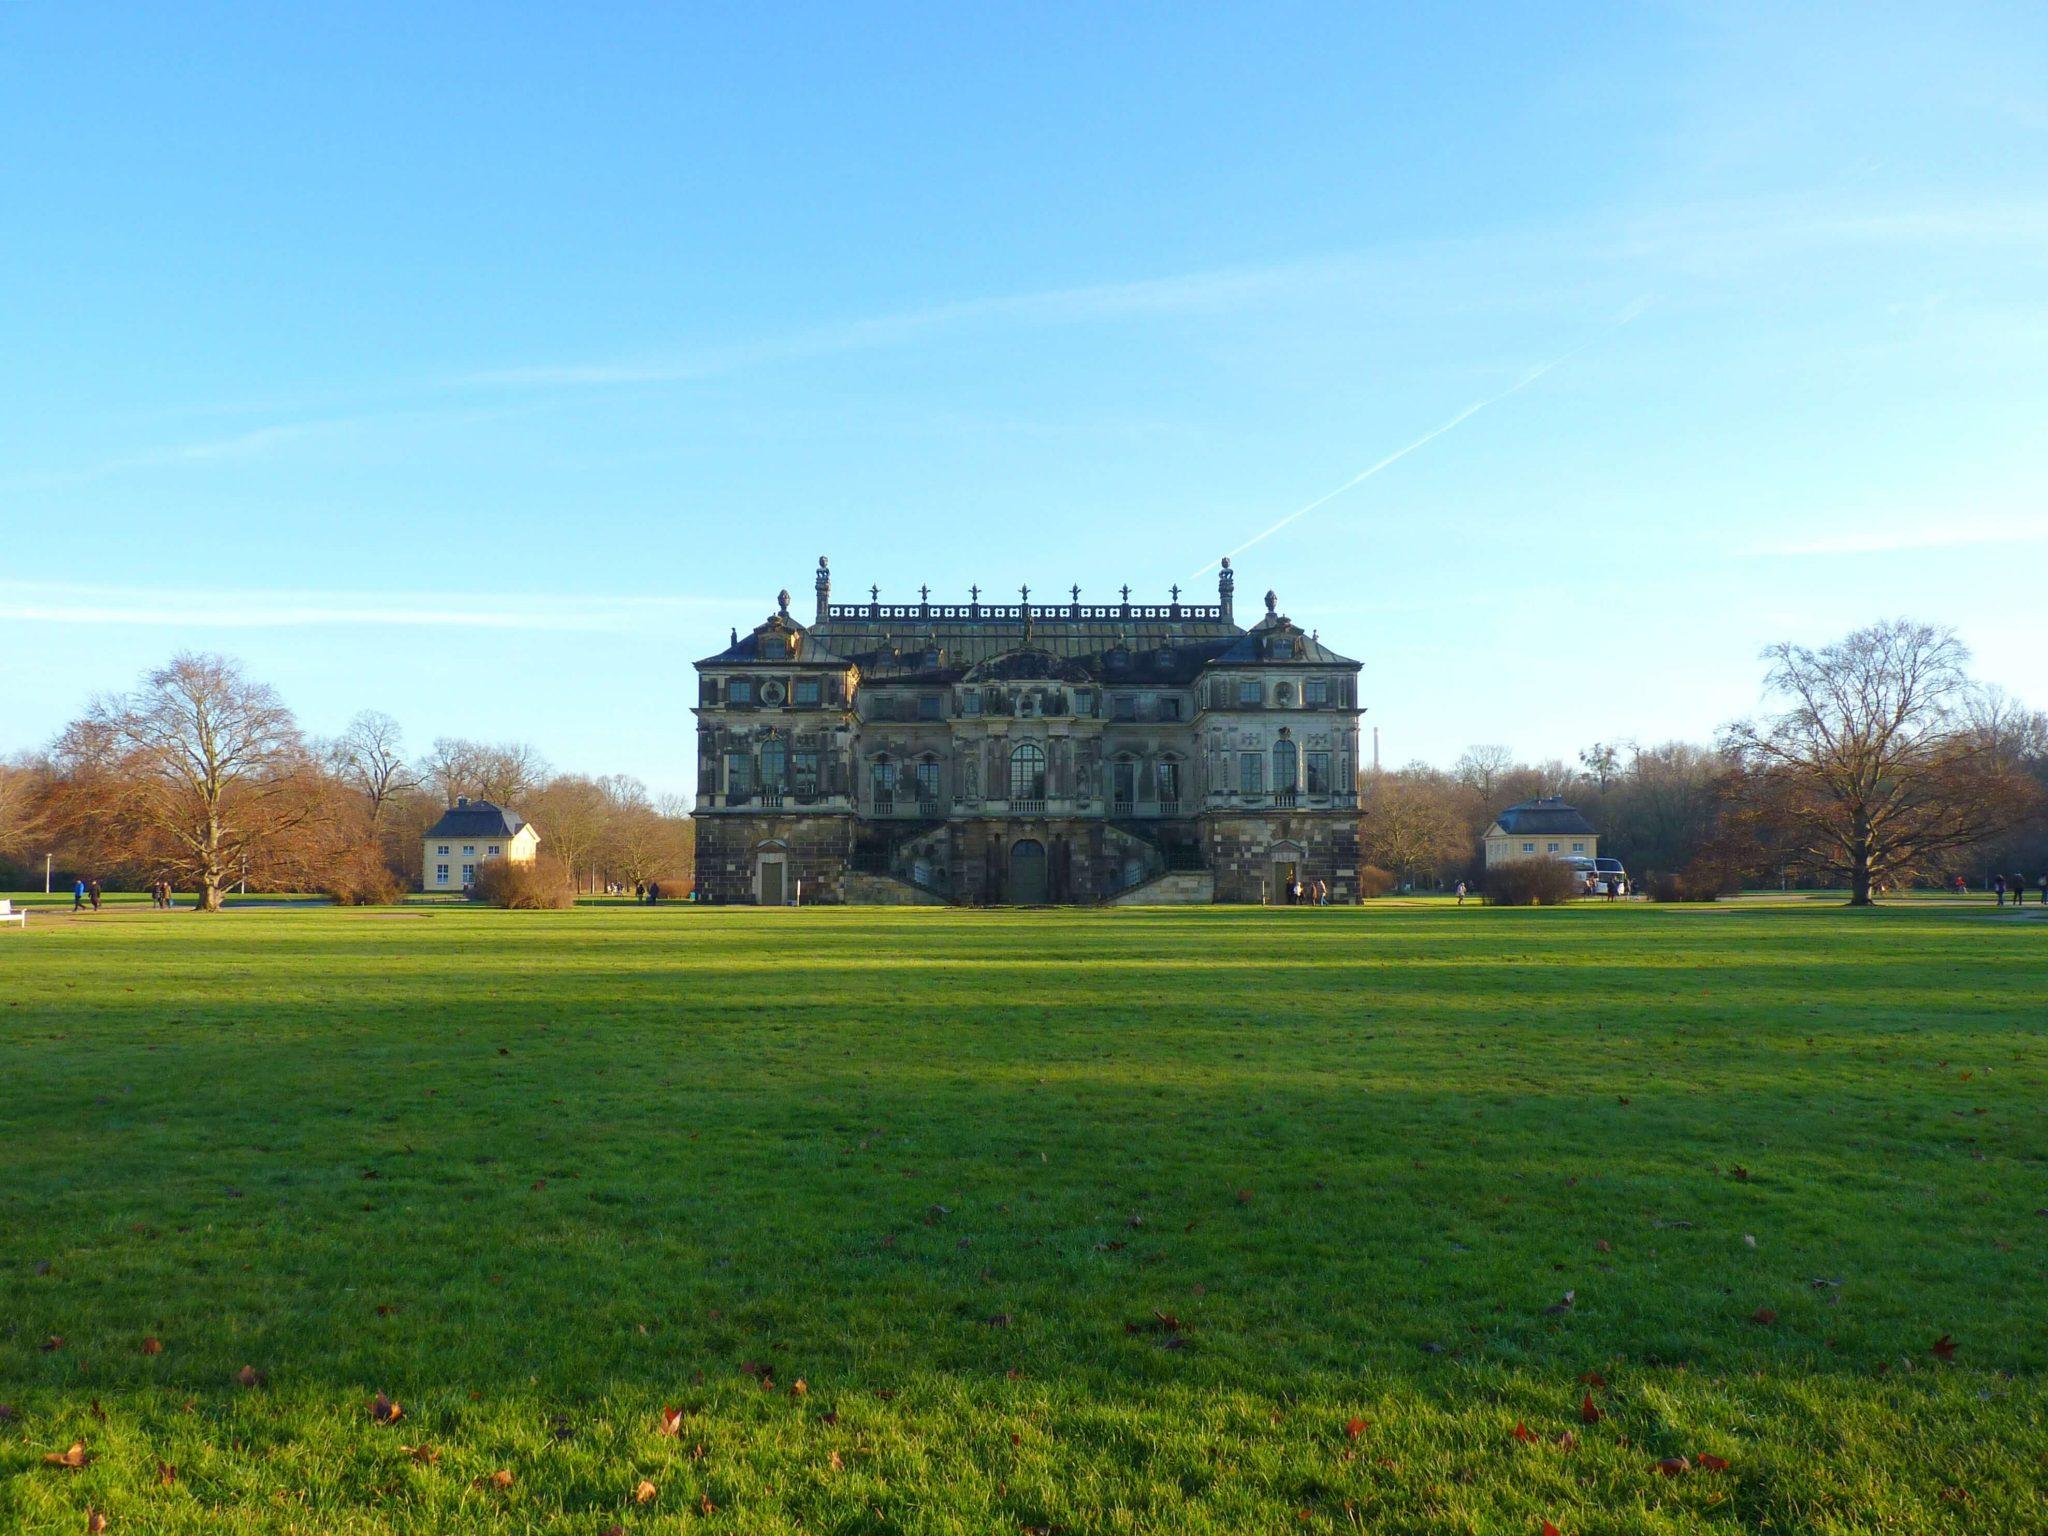 Grosser Garten 02 Dresden Alemanha Mundo Indefinido